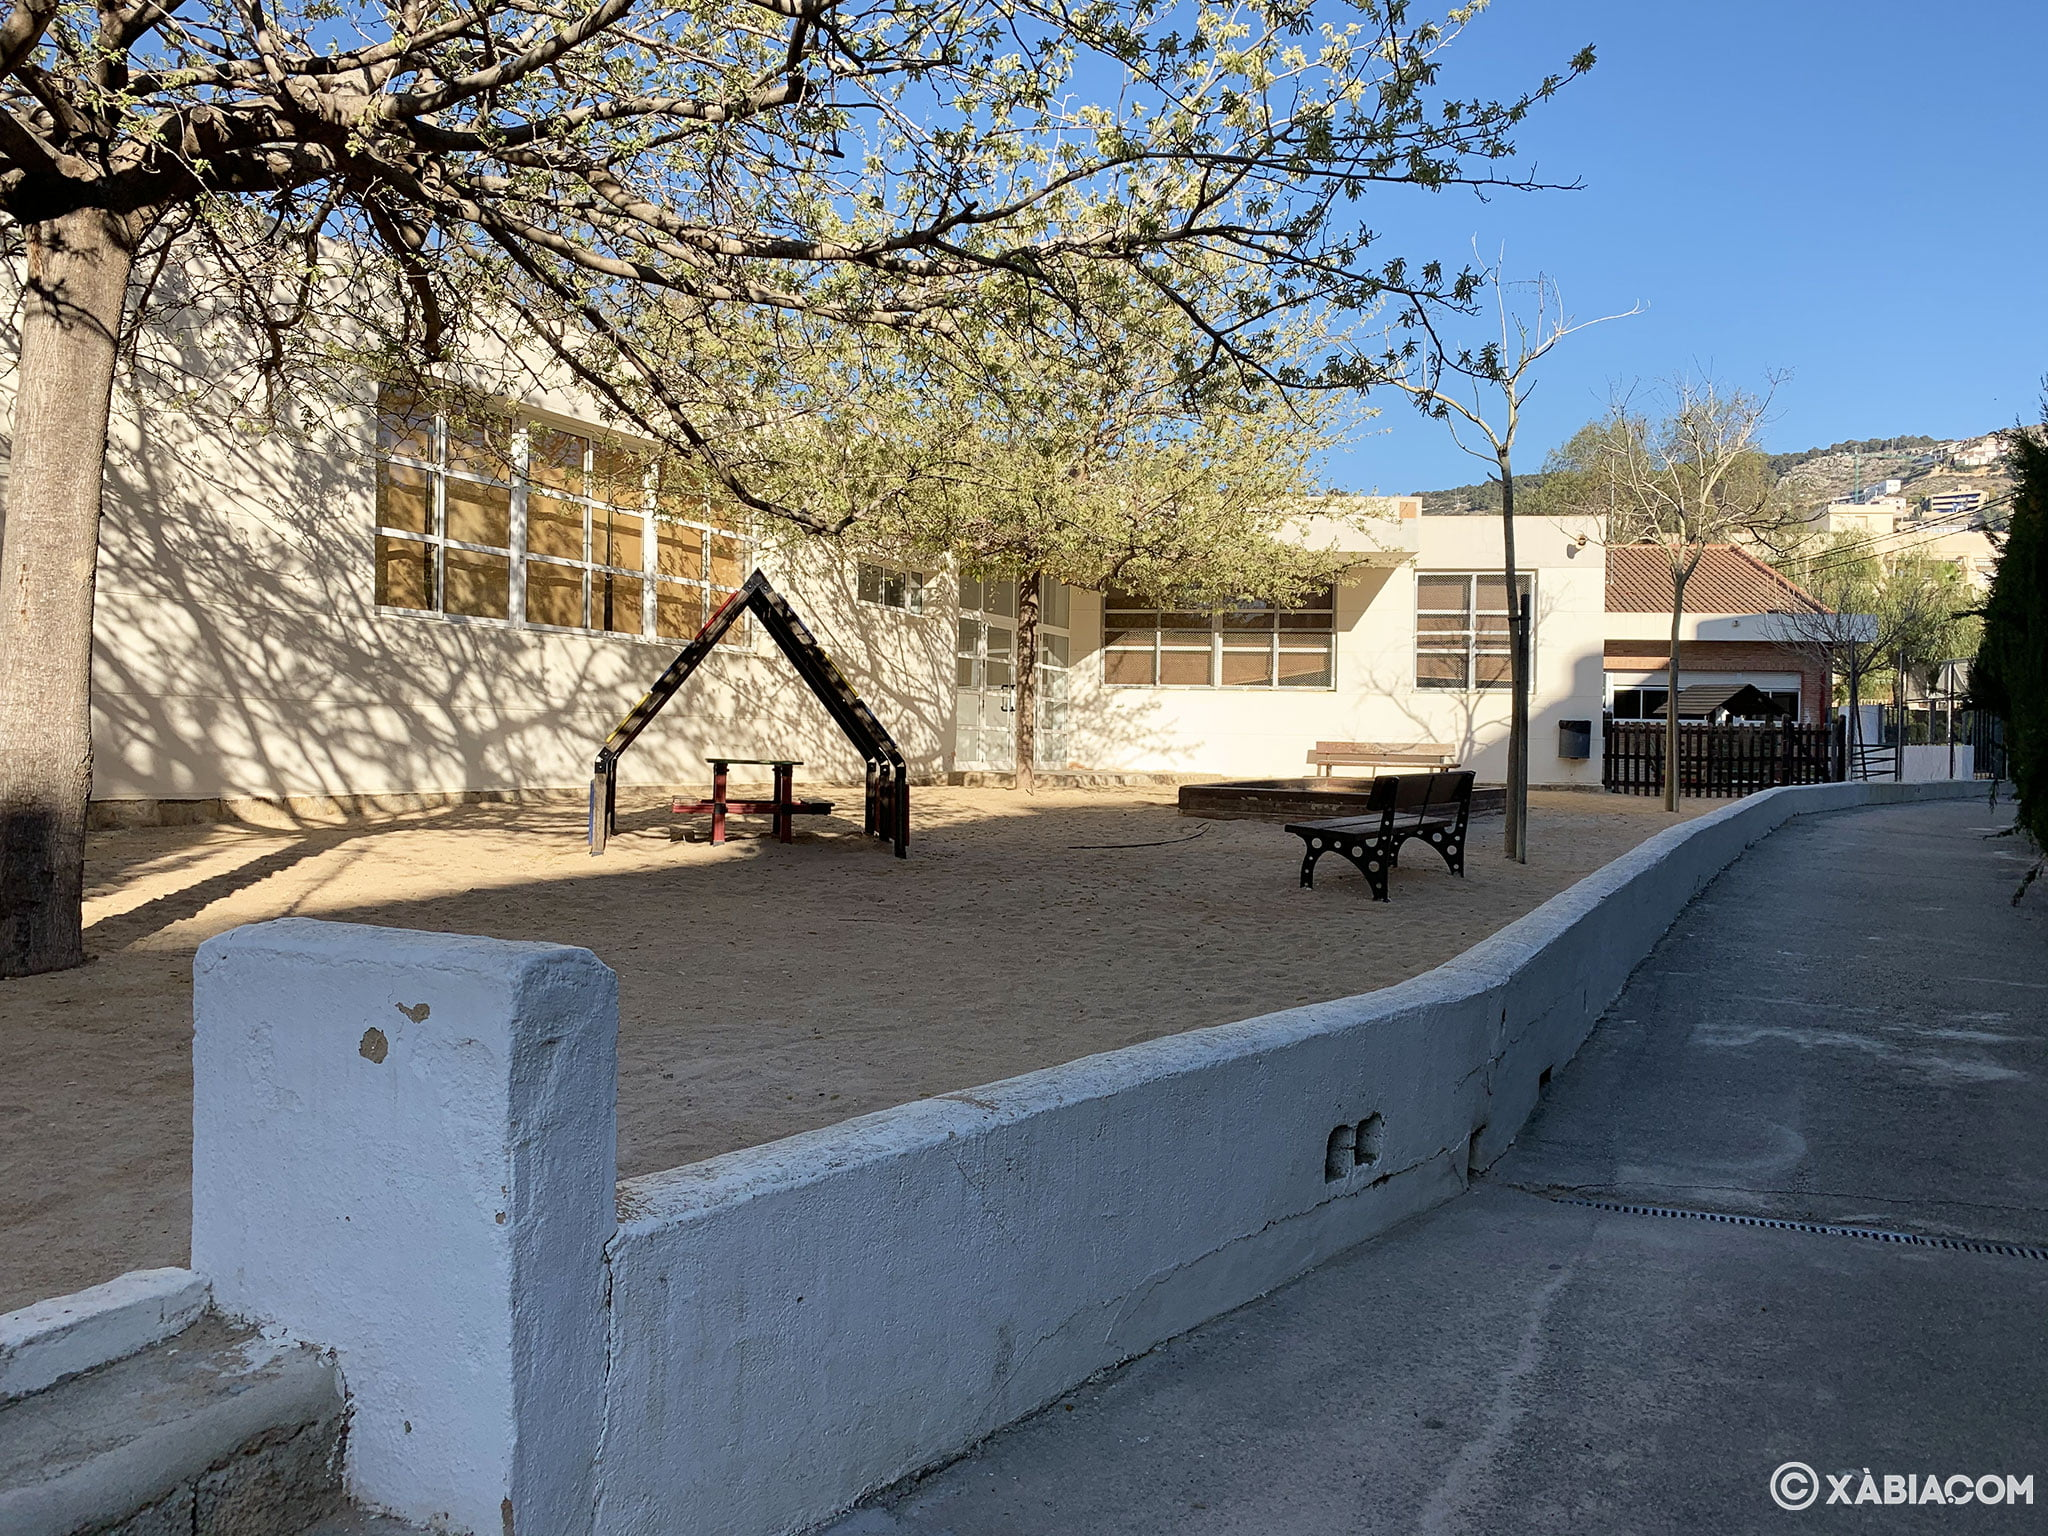 Zona con arena y bancos en el CEIP Port de Xàbia